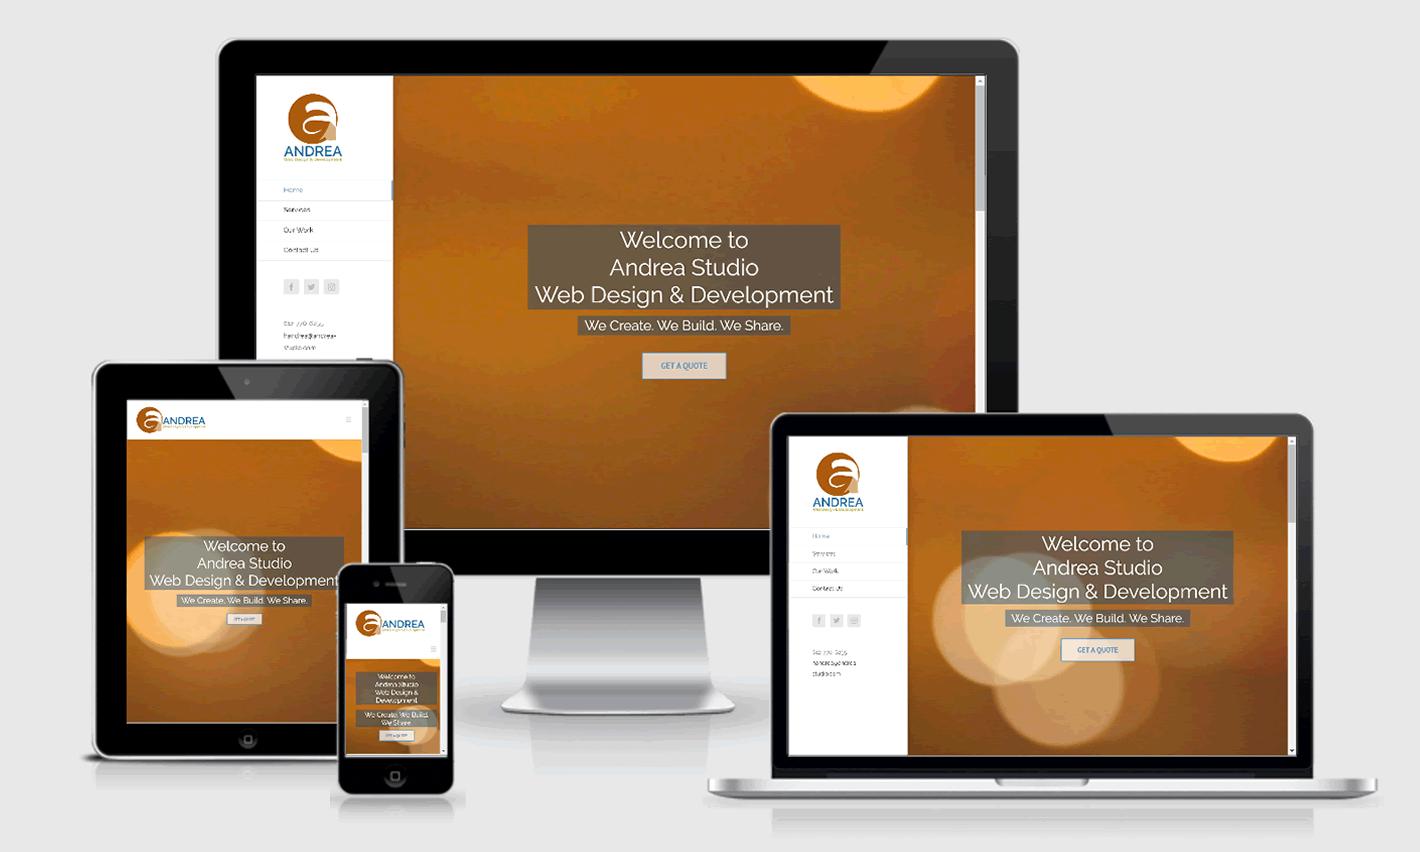 Andrea Studio Responsive Website Design